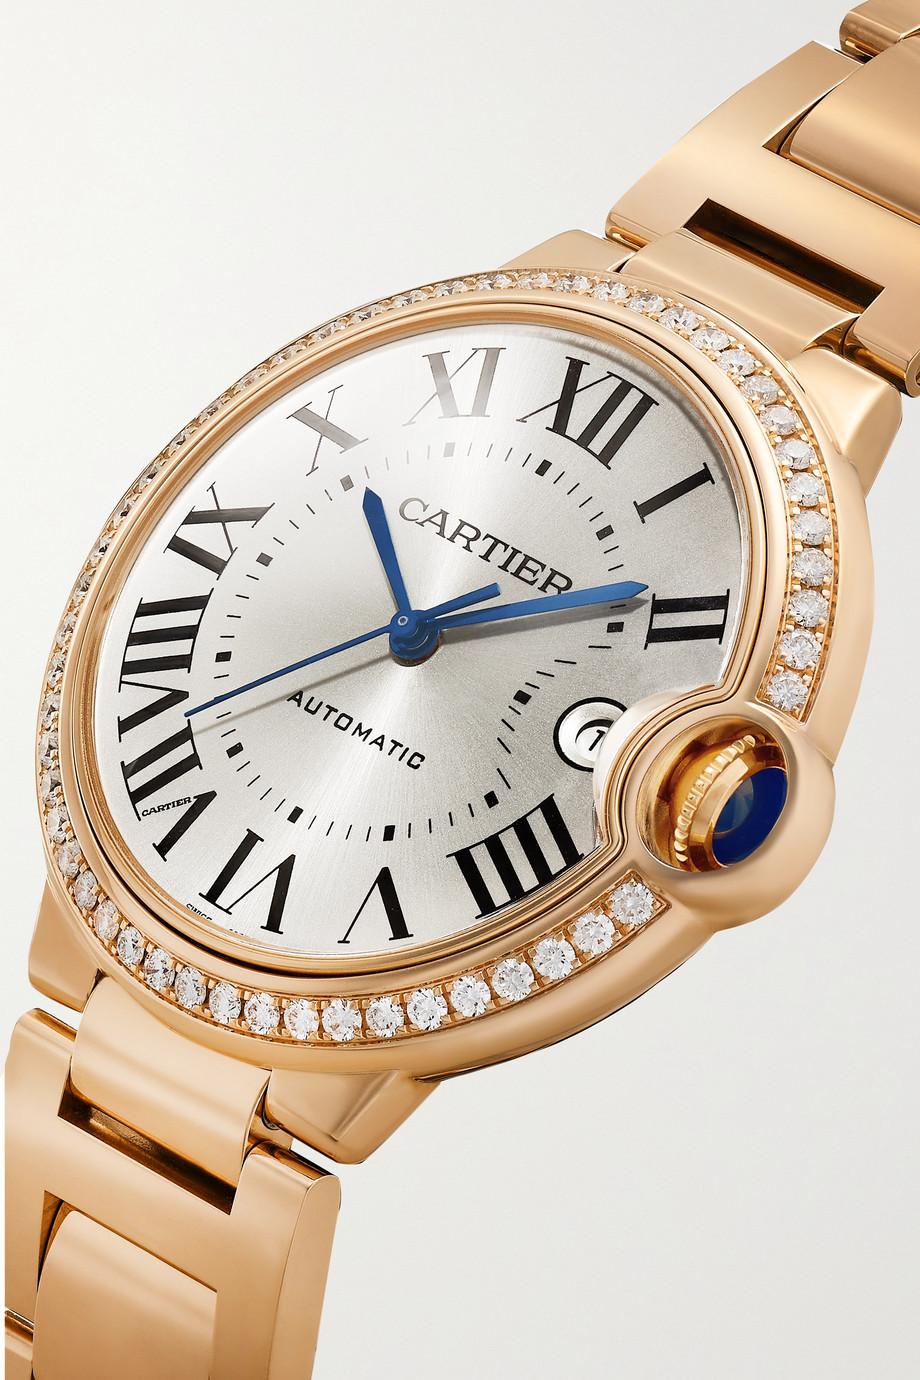 Cartier Ballon Bleu de Cartier Automatic 40mm 18-karat pink gold and diamond watch